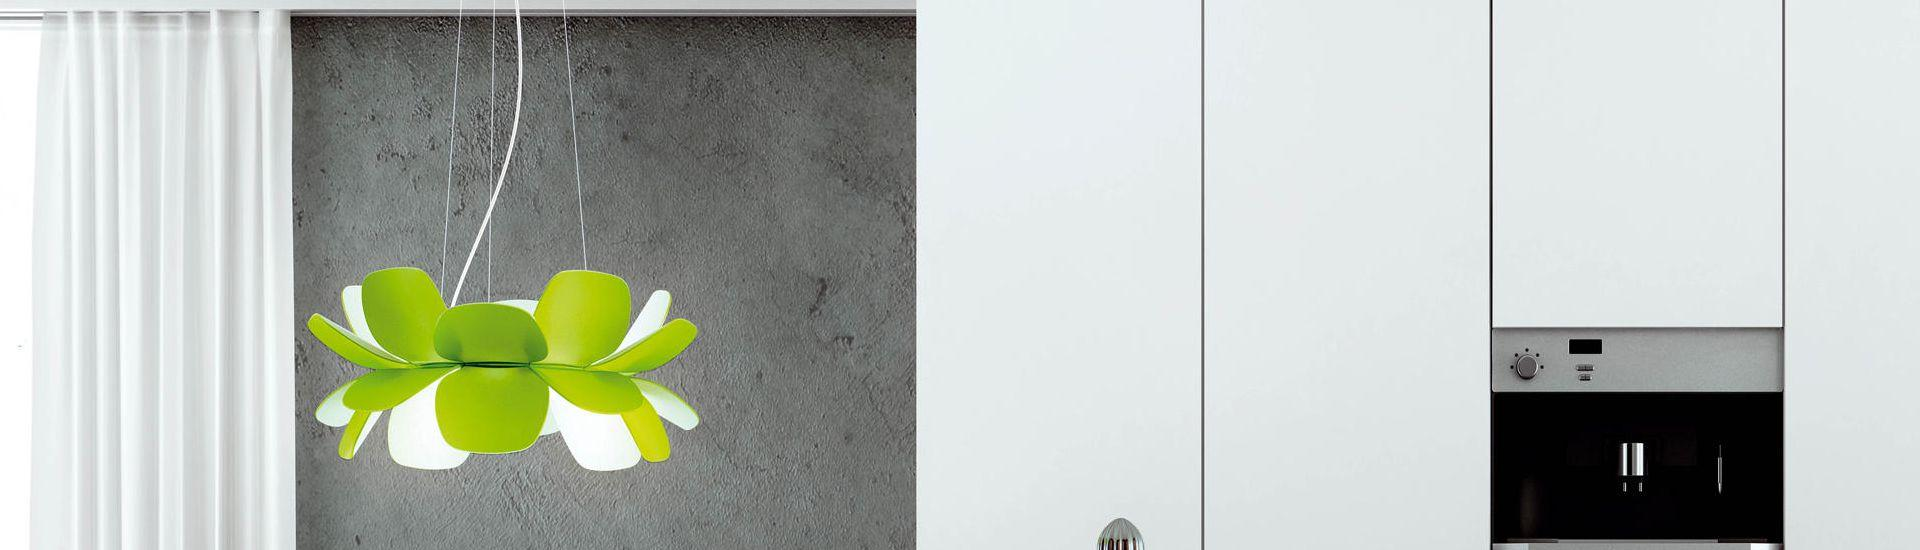 Infiore T 5805 Lâmpada pingente ECO 120W Verde